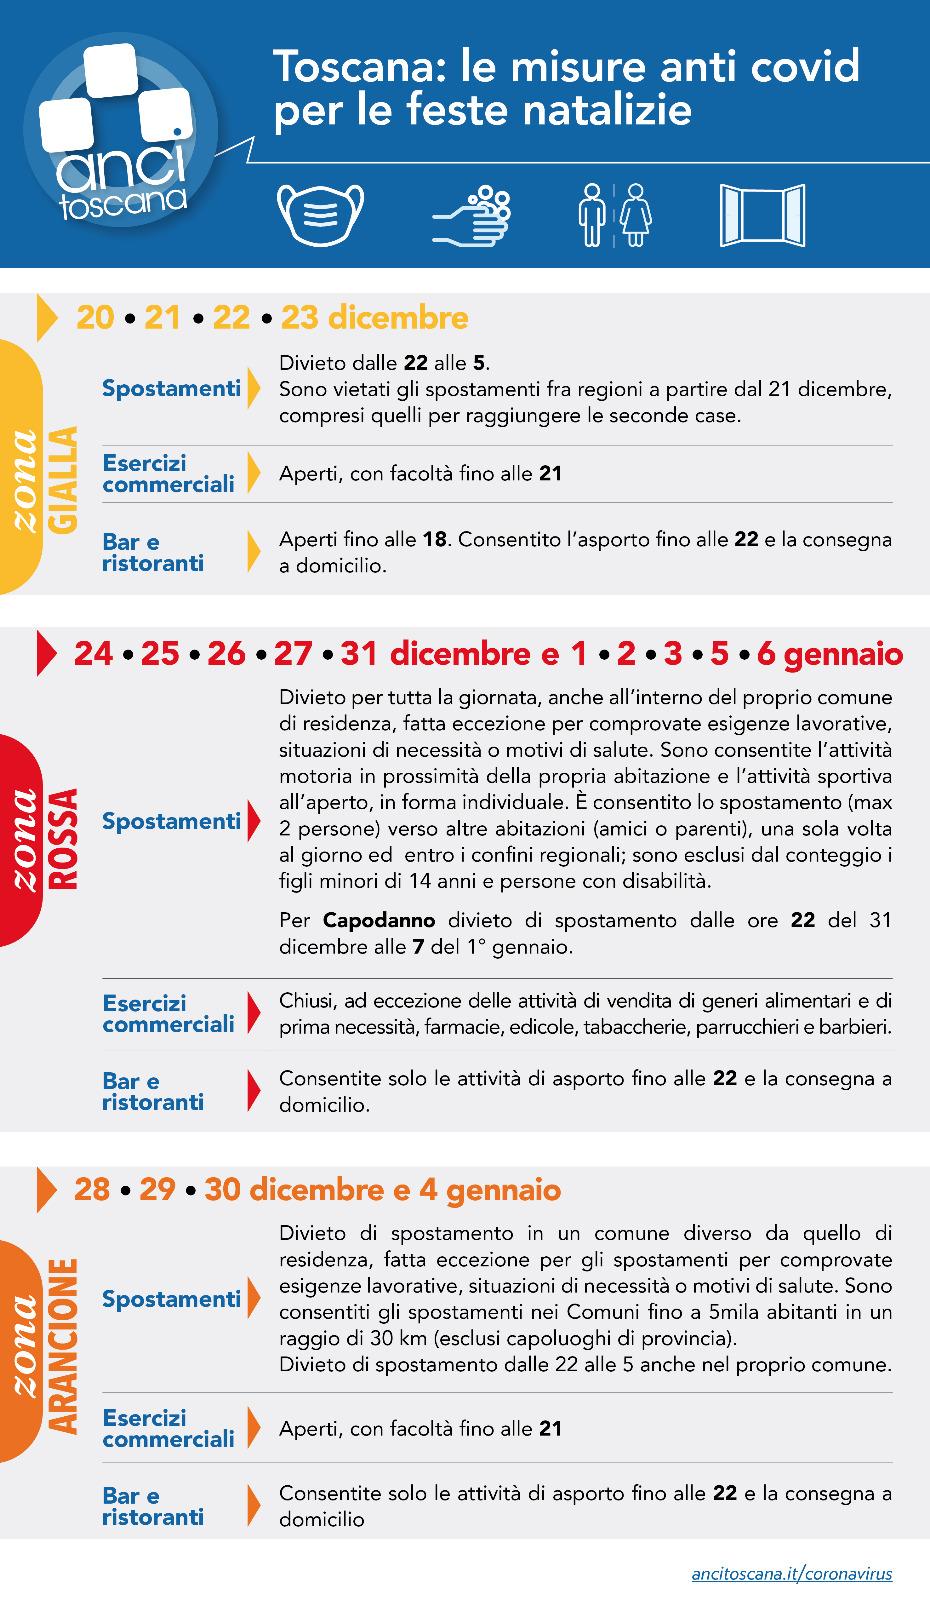 Le misure anti COVID-19 dal 20 dicembre 2020 al 6 gennaio 2021